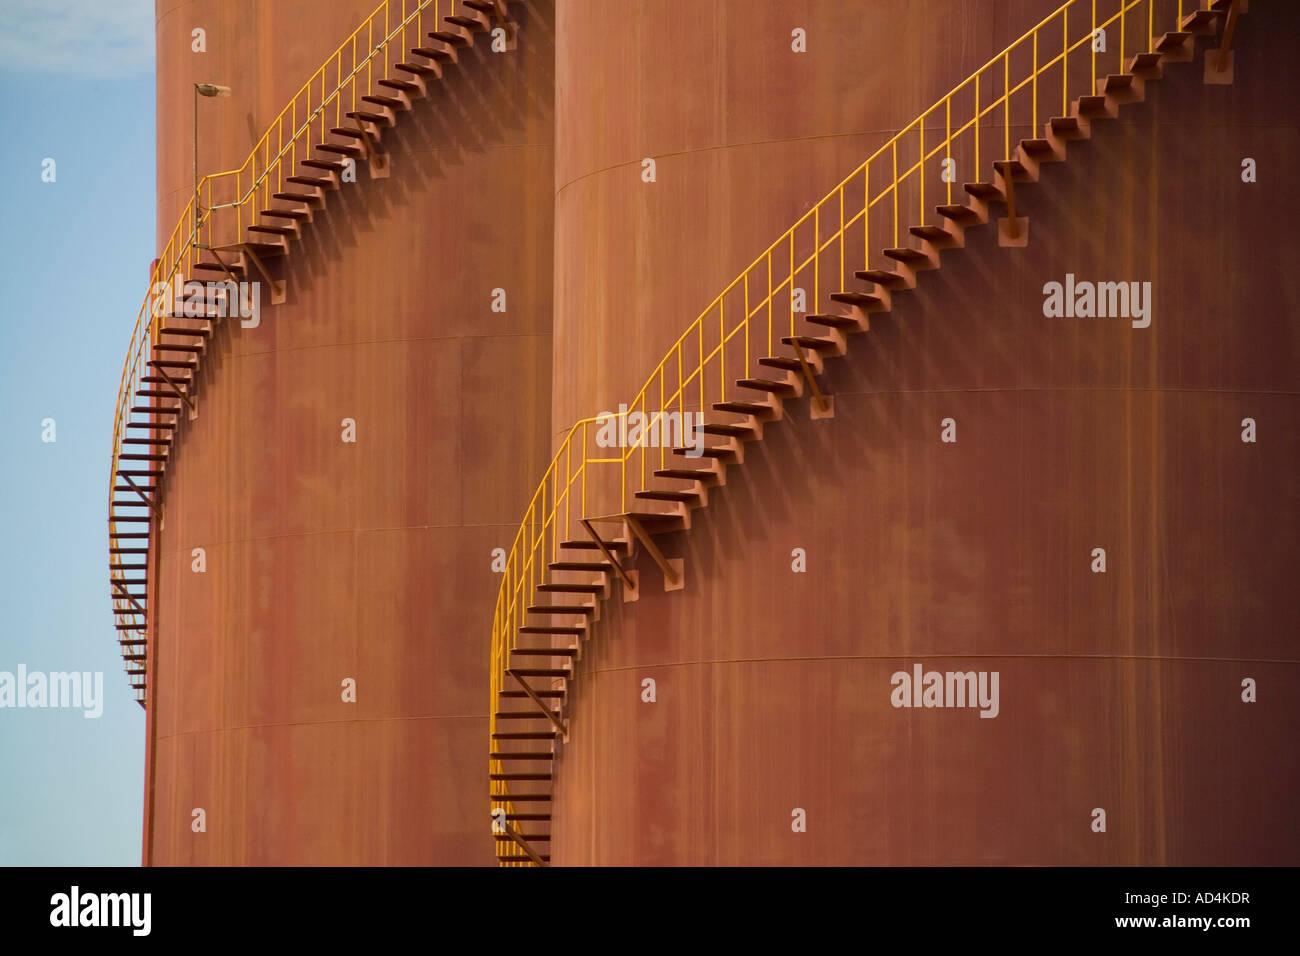 Dettaglio delle scale della curvatura intorno a grandi serbatoi di stoccaggio Immagini Stock